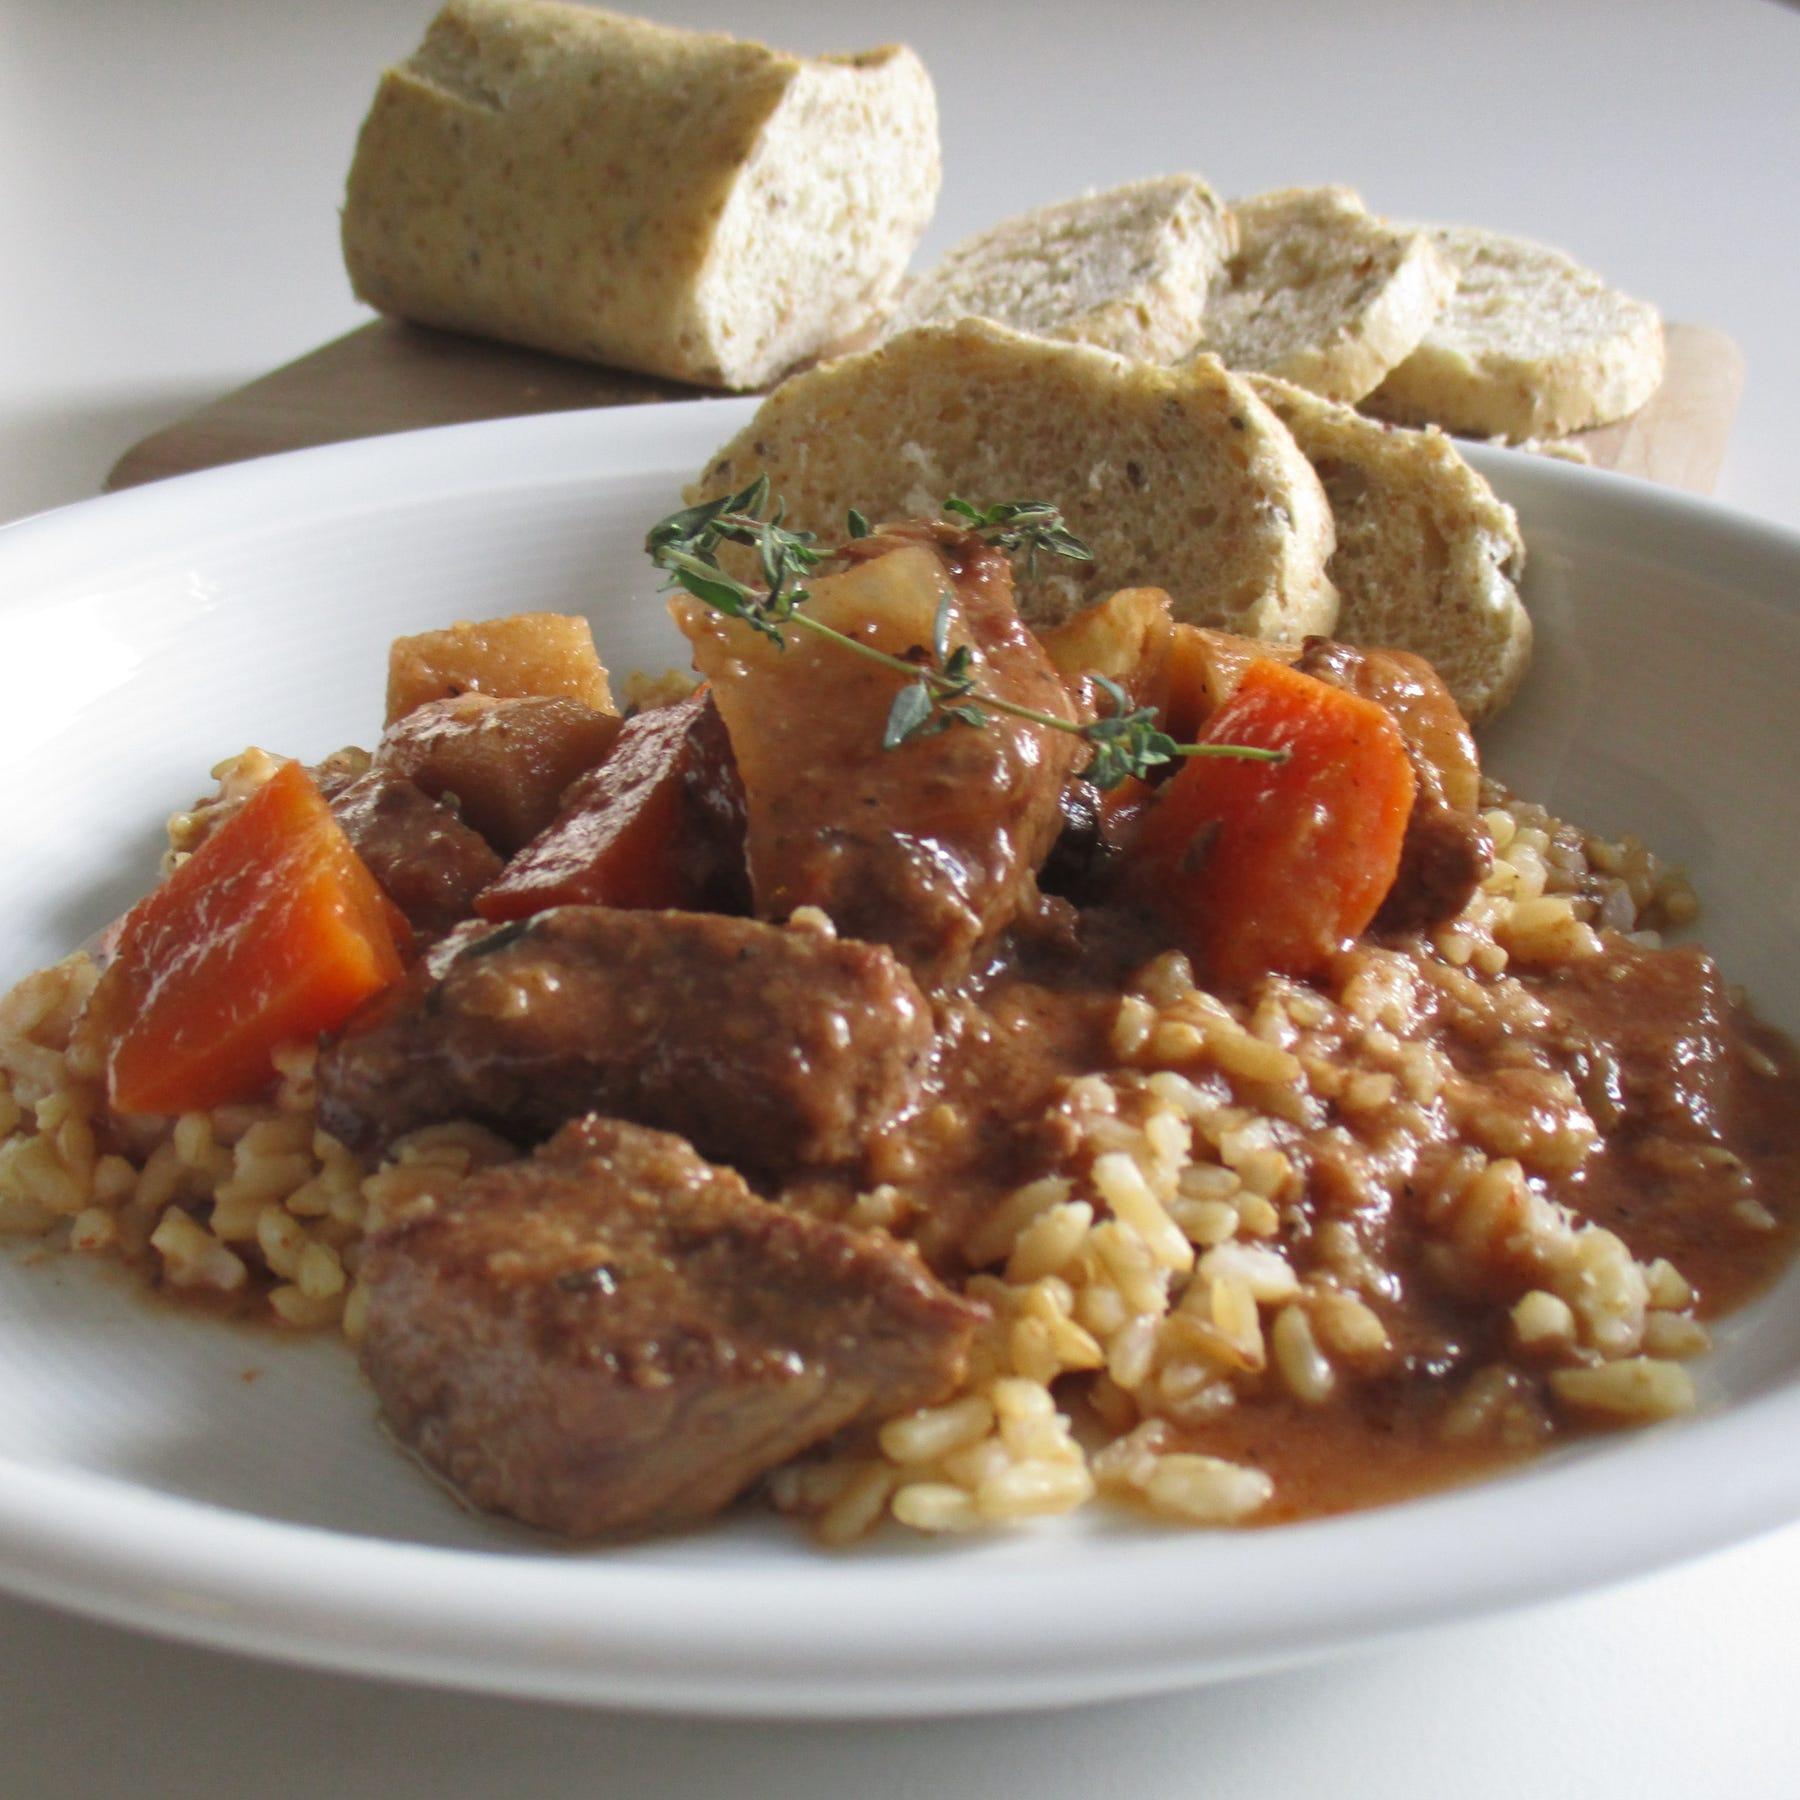 Parsnips among key ingredients in beef stew prepared in slow cooker